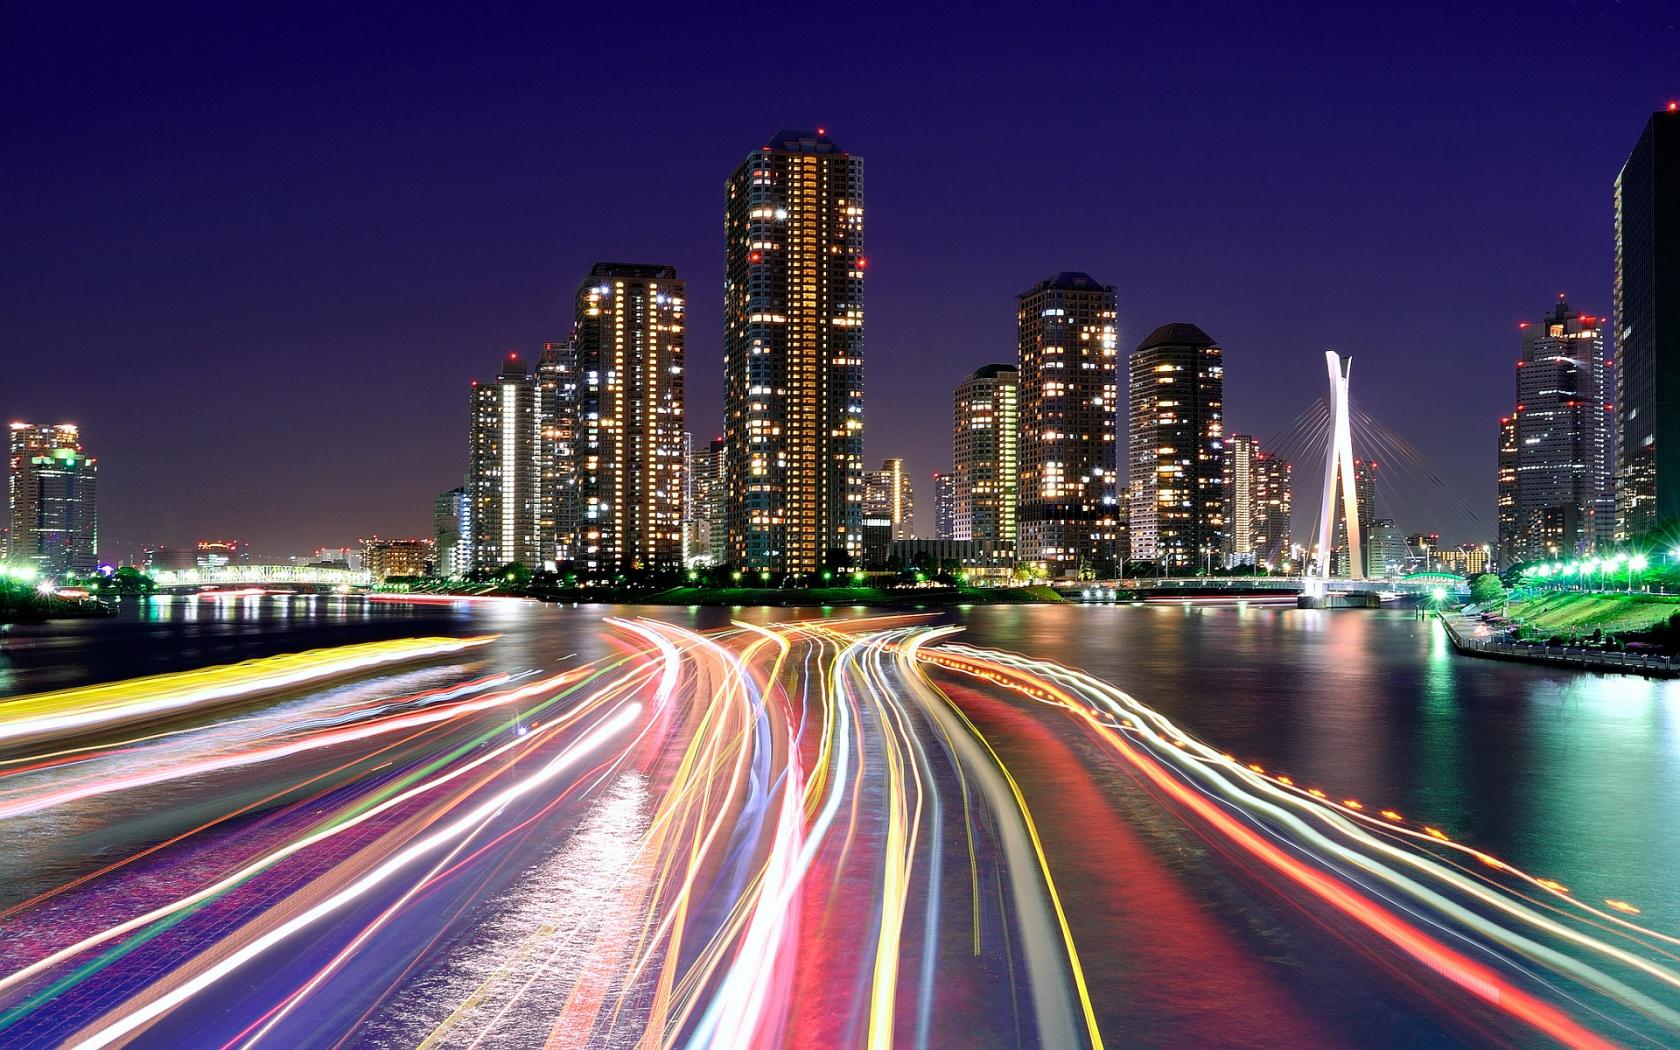 City Light Wallpaper